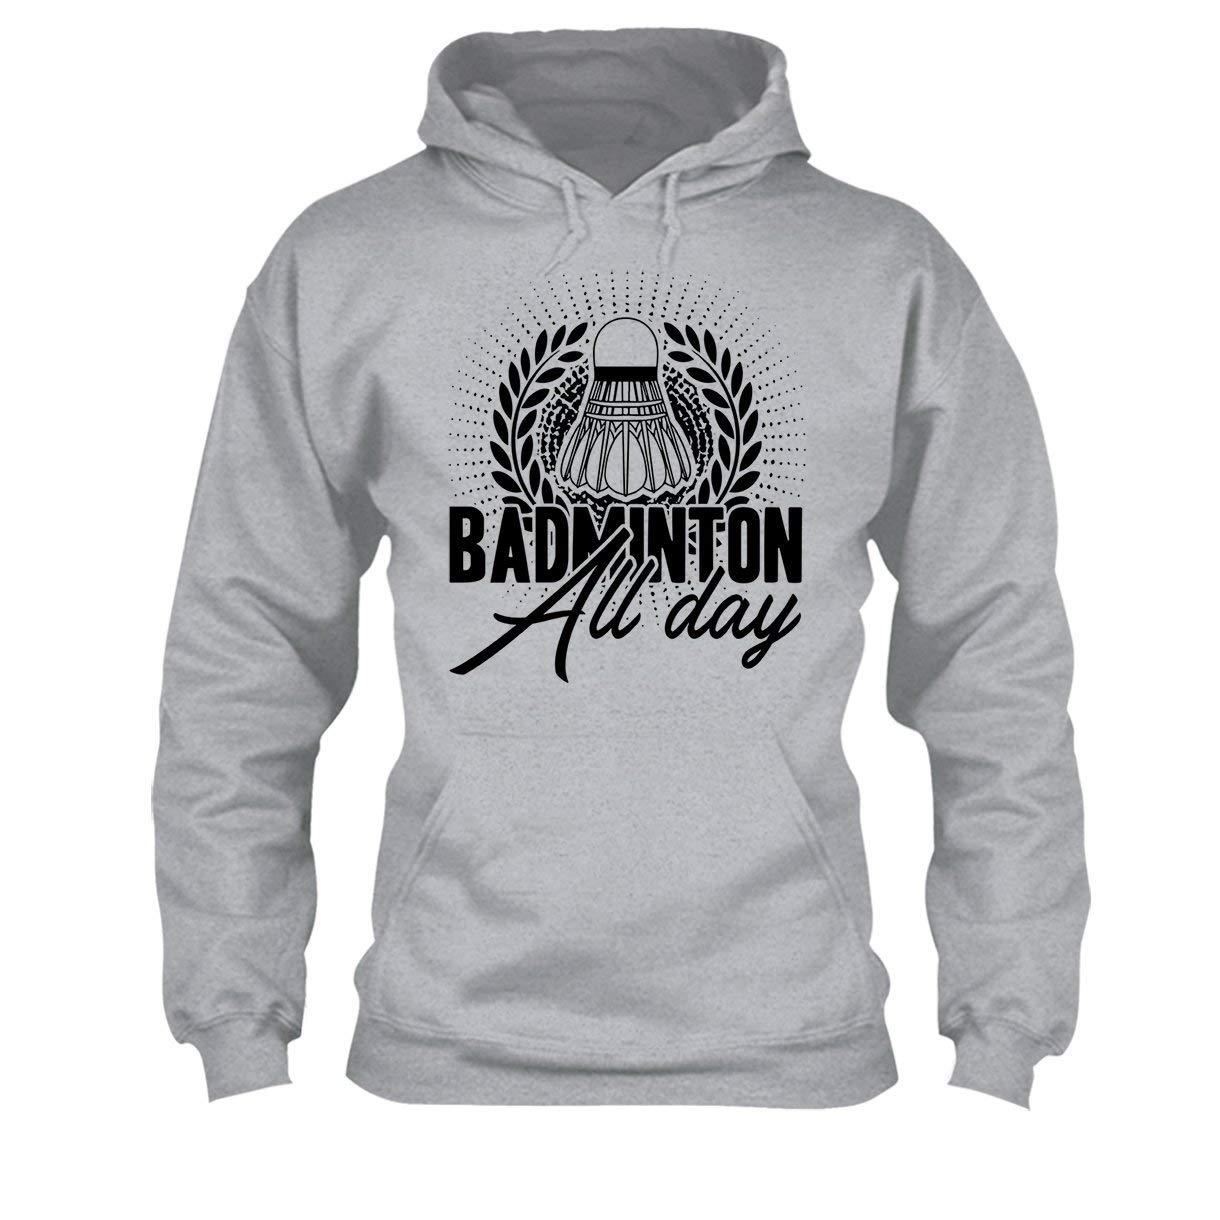 Big Grey Badminton All Day Tee Shirt Hoodie Sweatshirt